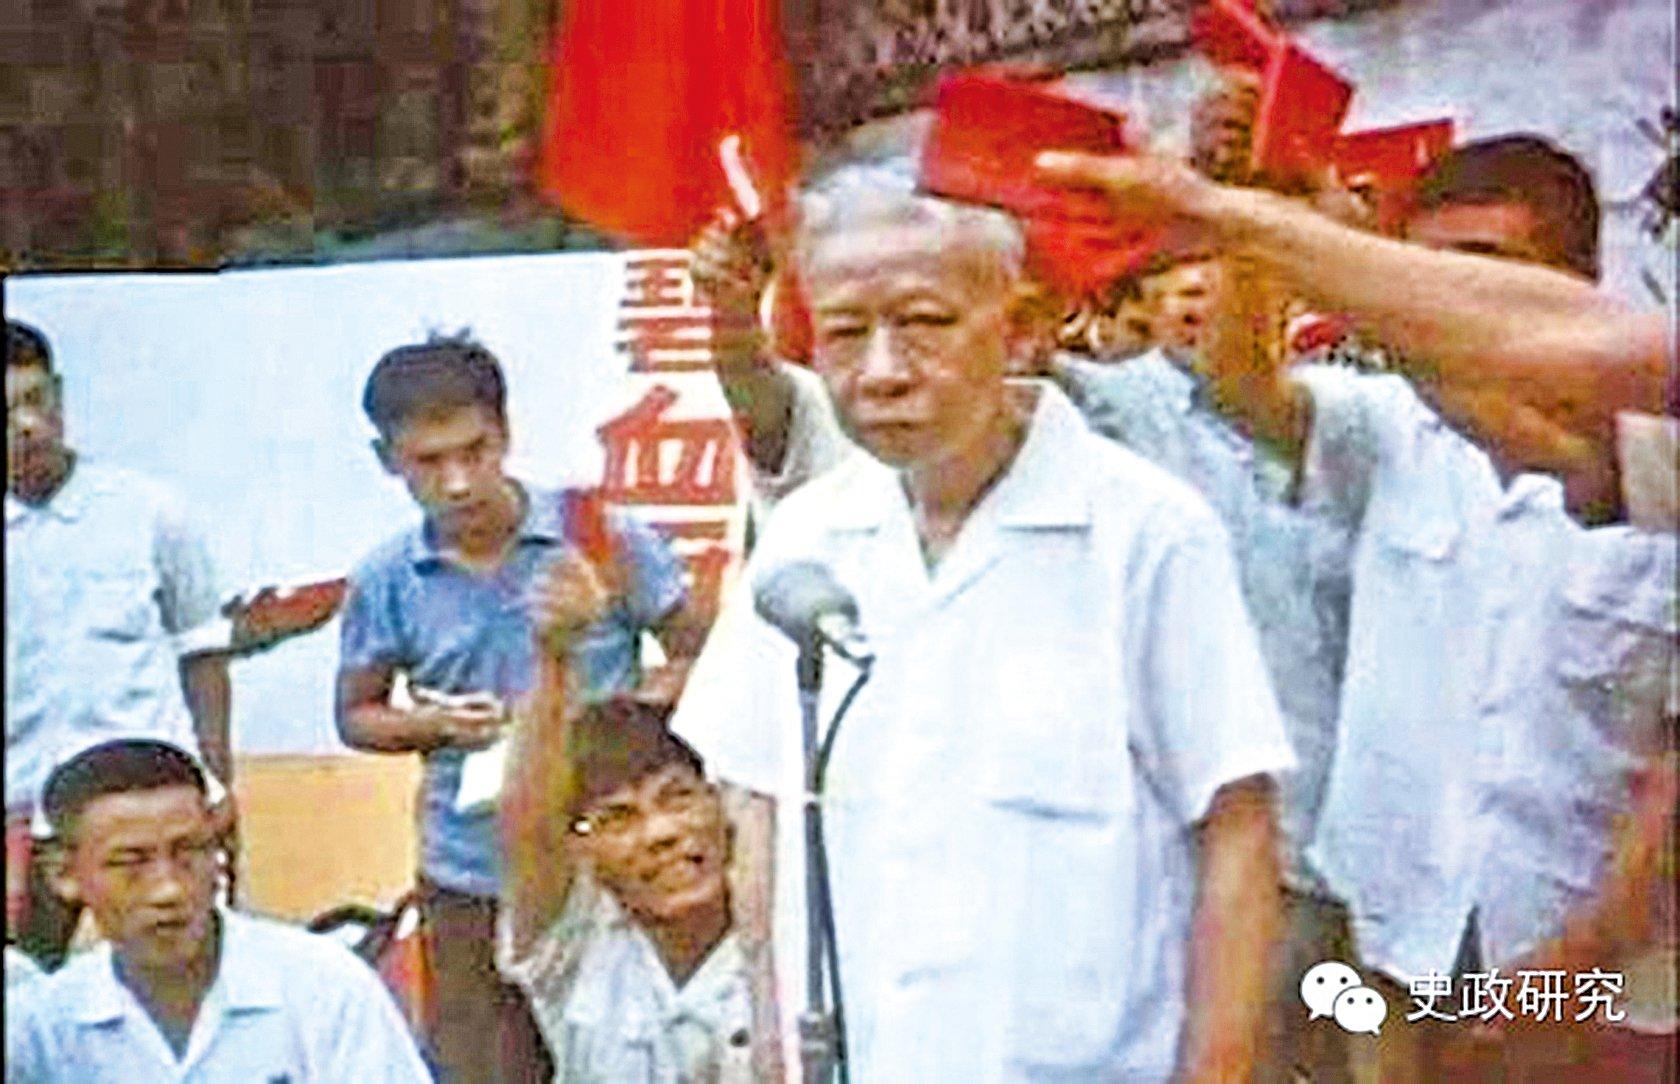 曾擔任中共國家主席的劉少奇在文革中遭到批鬥。(資料圖片)